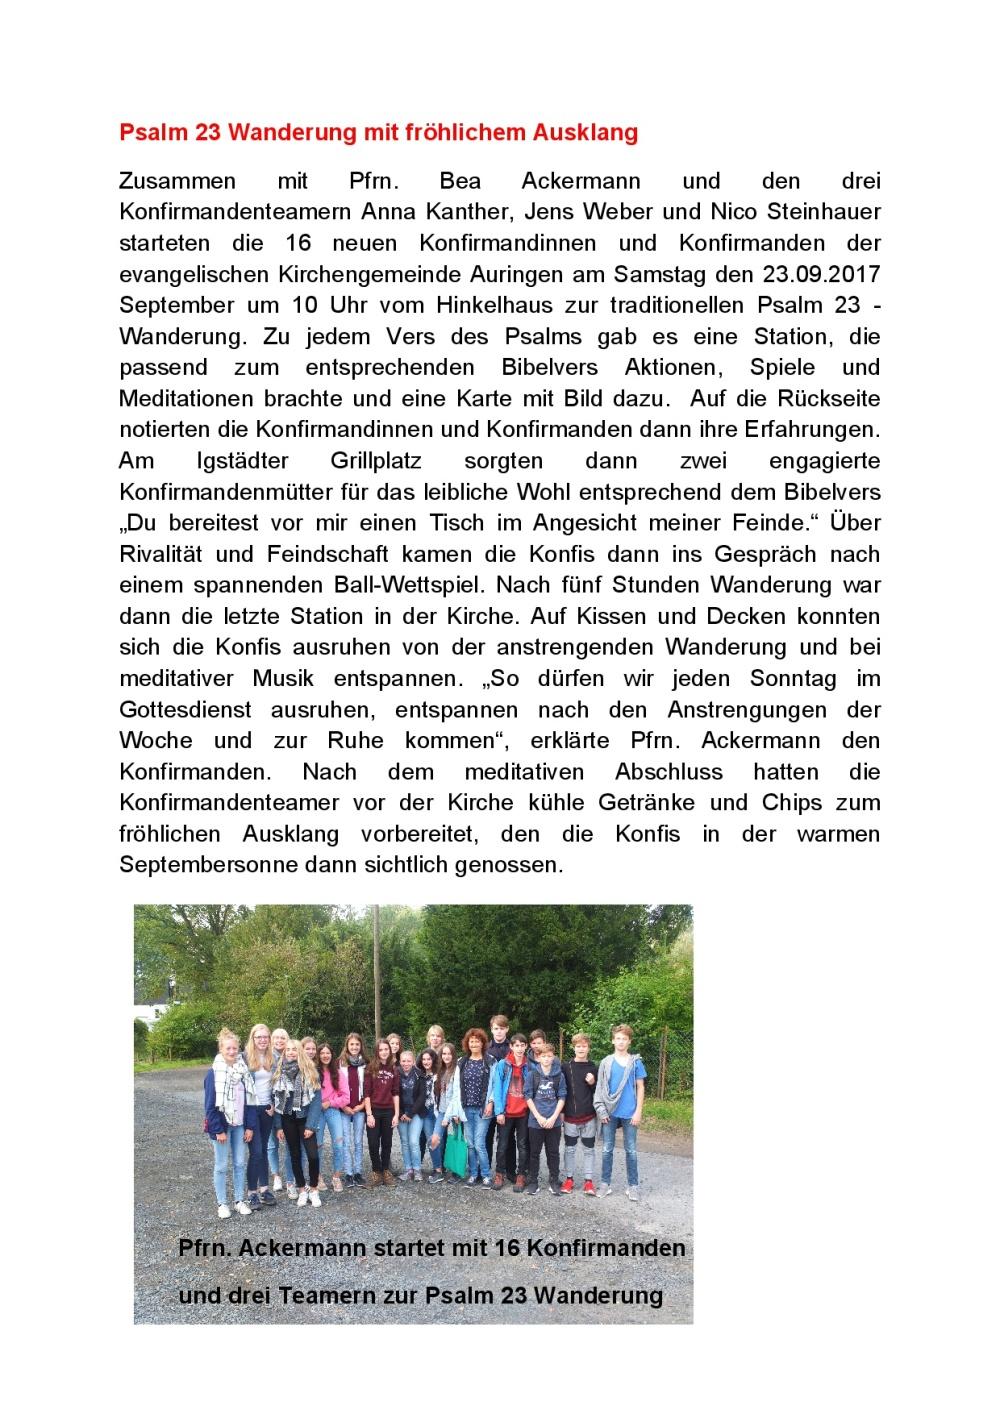 2017-09-23 Ps. 23 Wanderung 2017-001